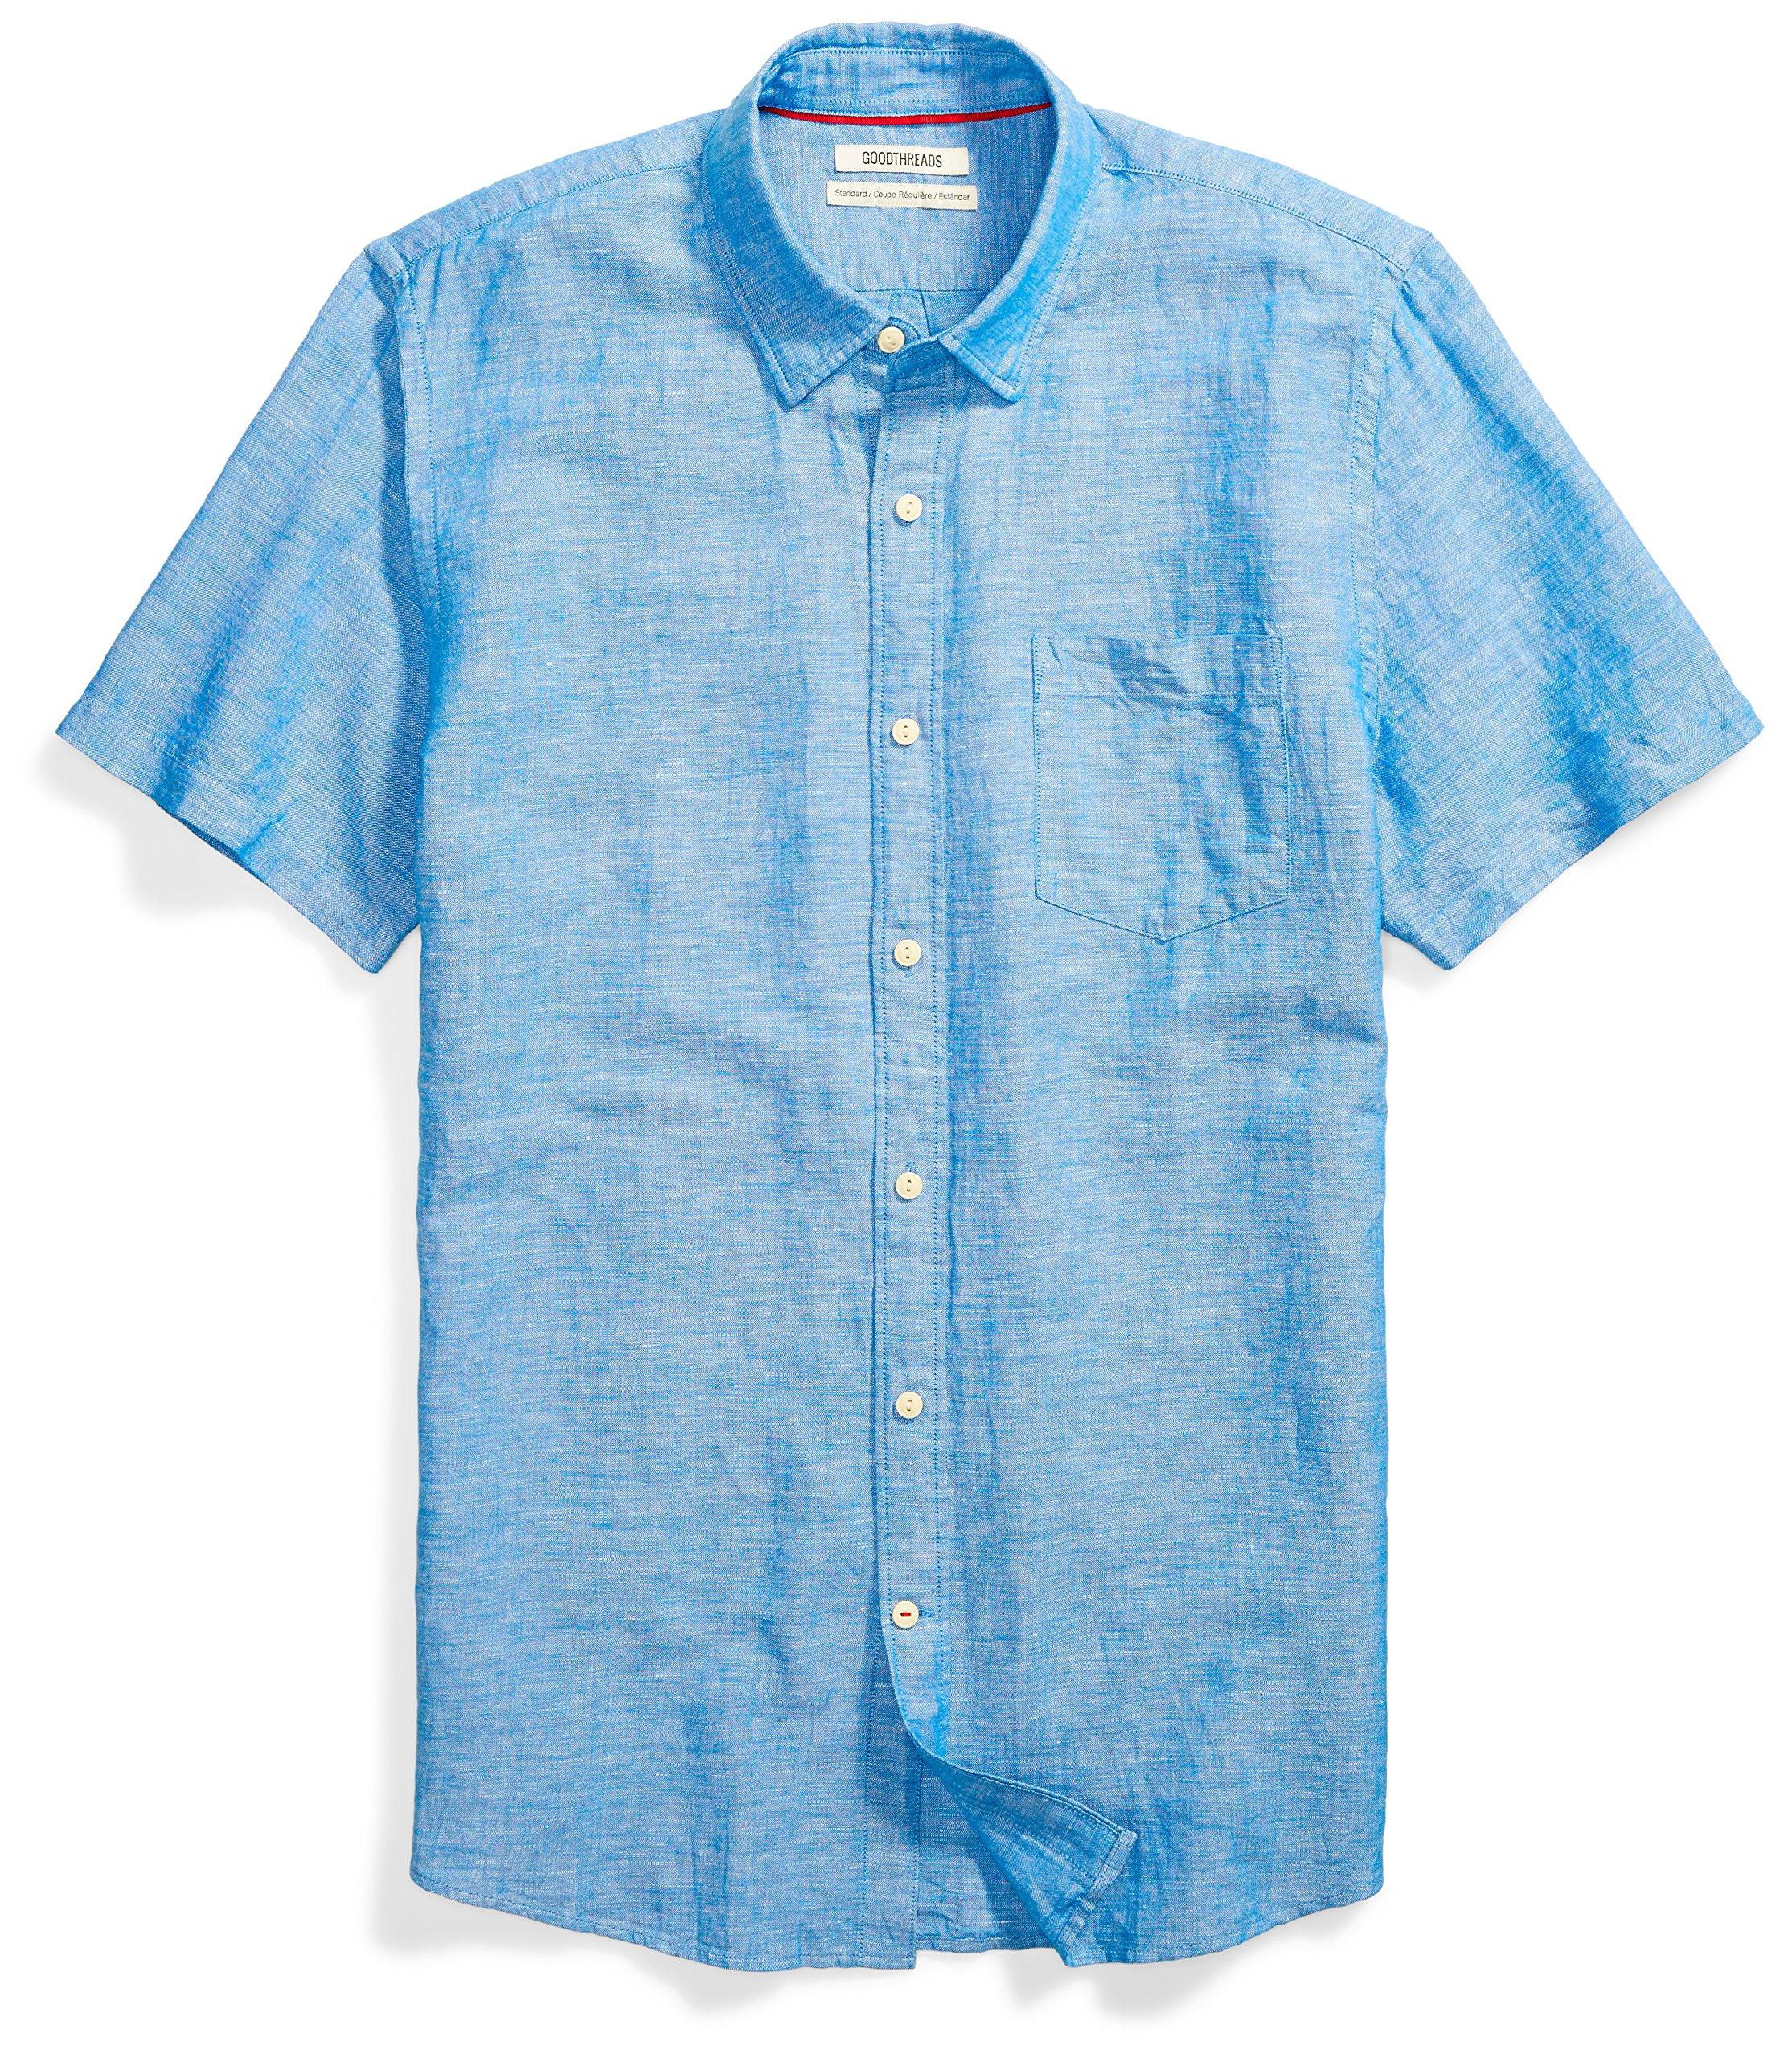 Goodthreads Men's Standard-Fit Short-Sleeve Linen and Cotton Blend Shirt, Bright Blue, Large